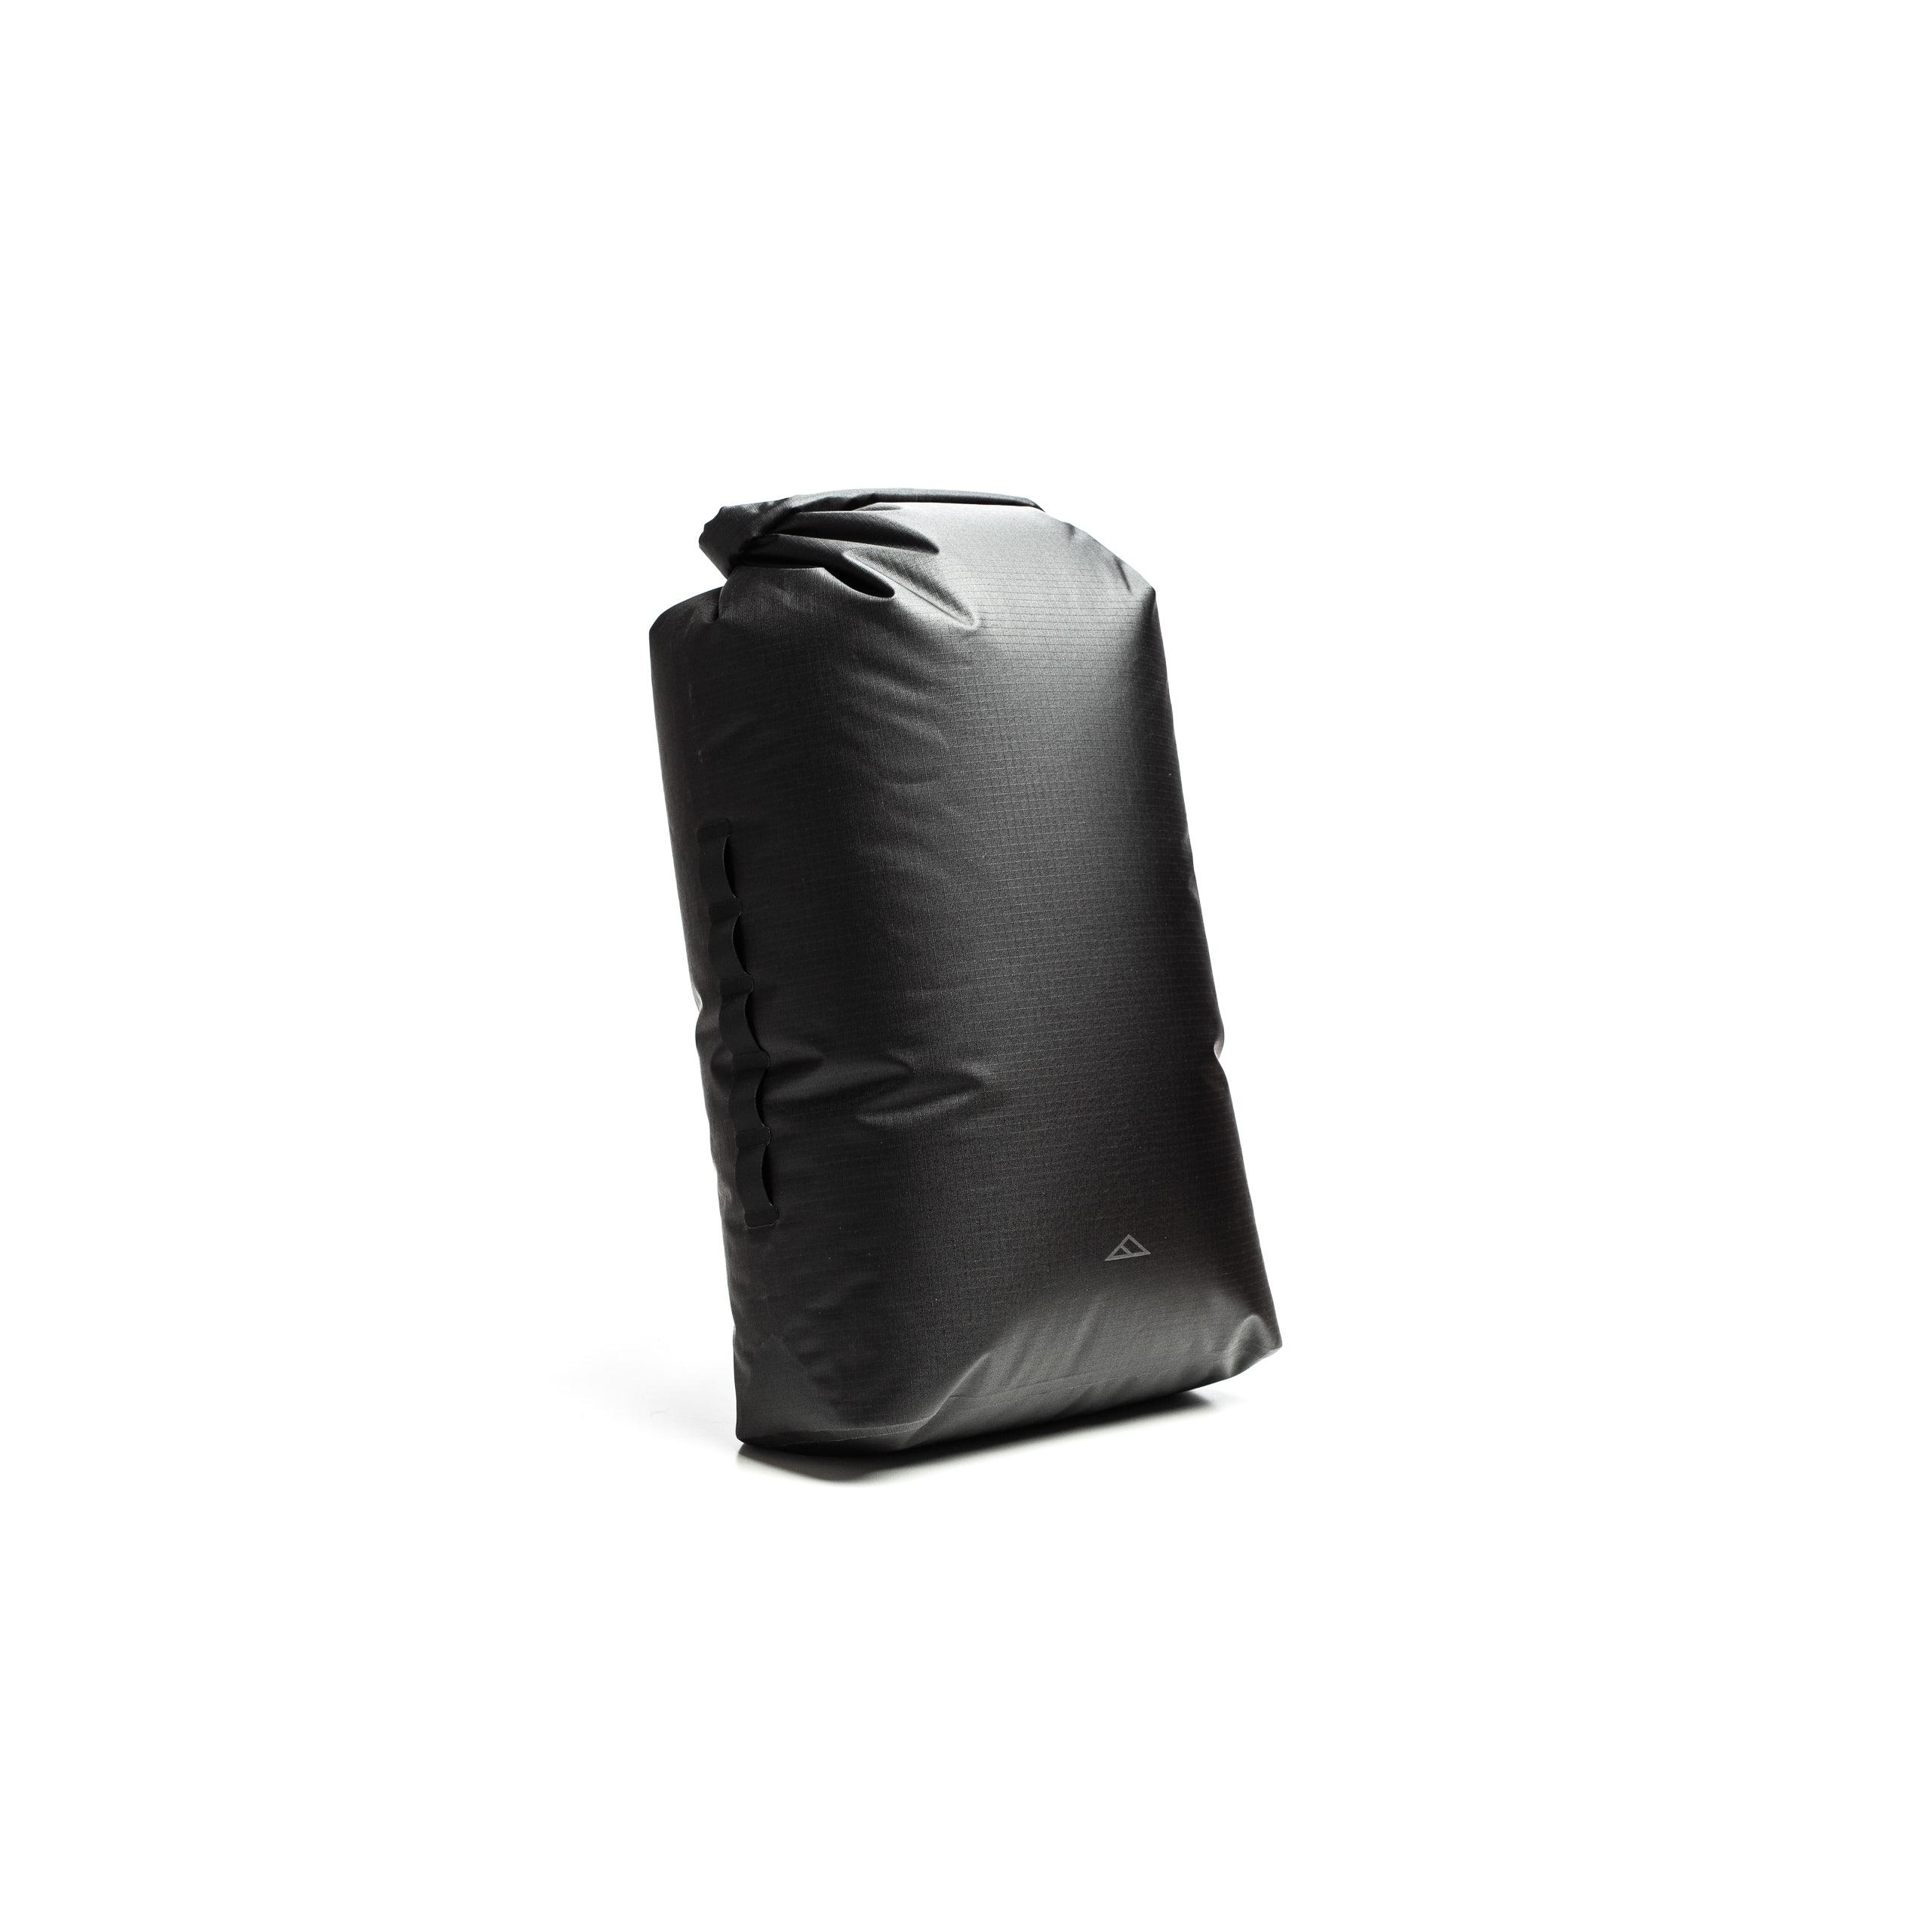 Siletz 25L Wet/Dry Bag Insert